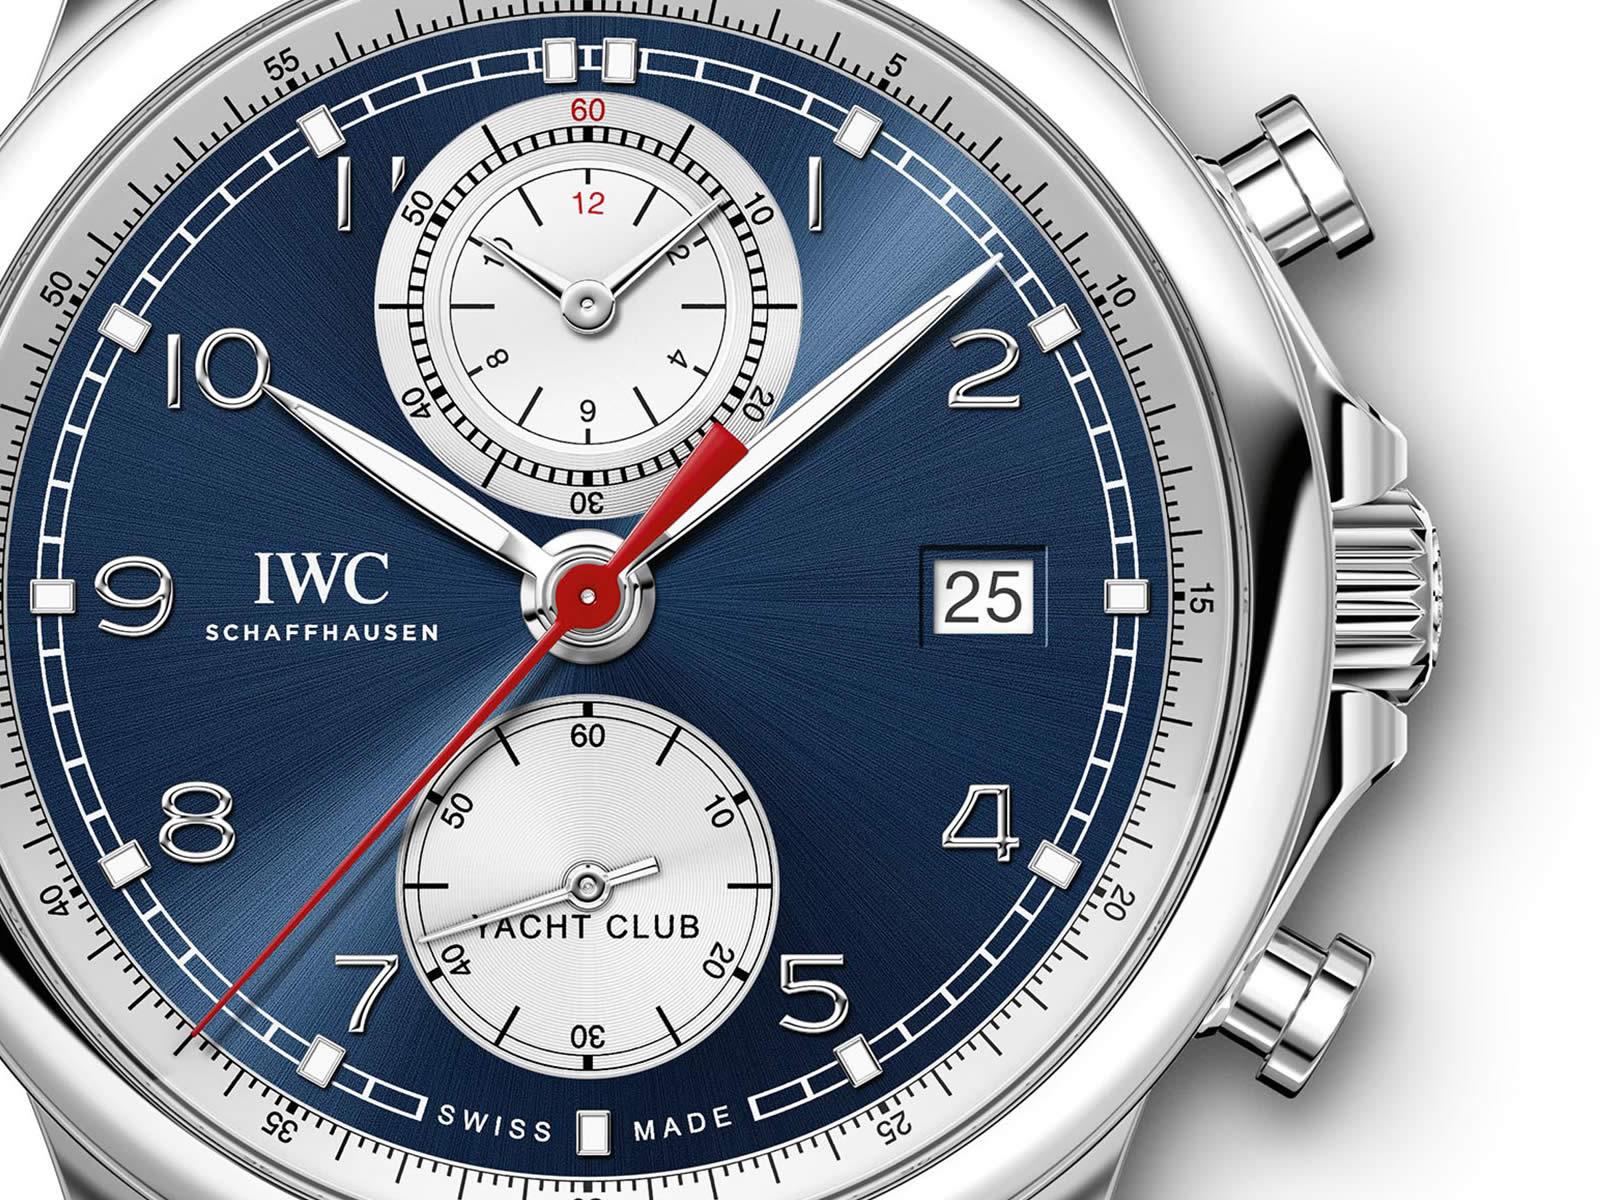 iw390507-iwc-portugieser-yacht-club-chronograph-summer-edition-5-.jpg